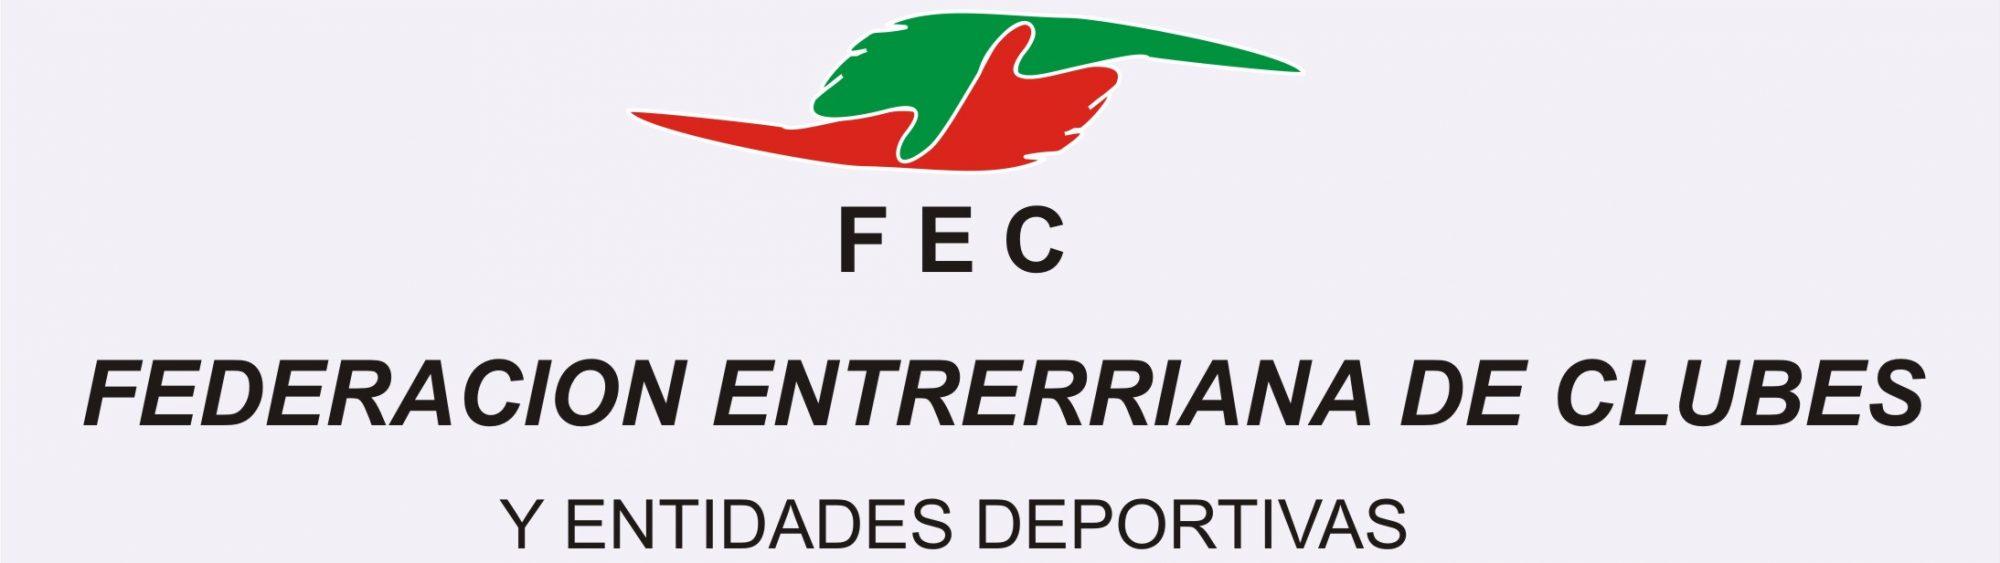 Federación Entrerriana de Clubes y Entidades Deportivas